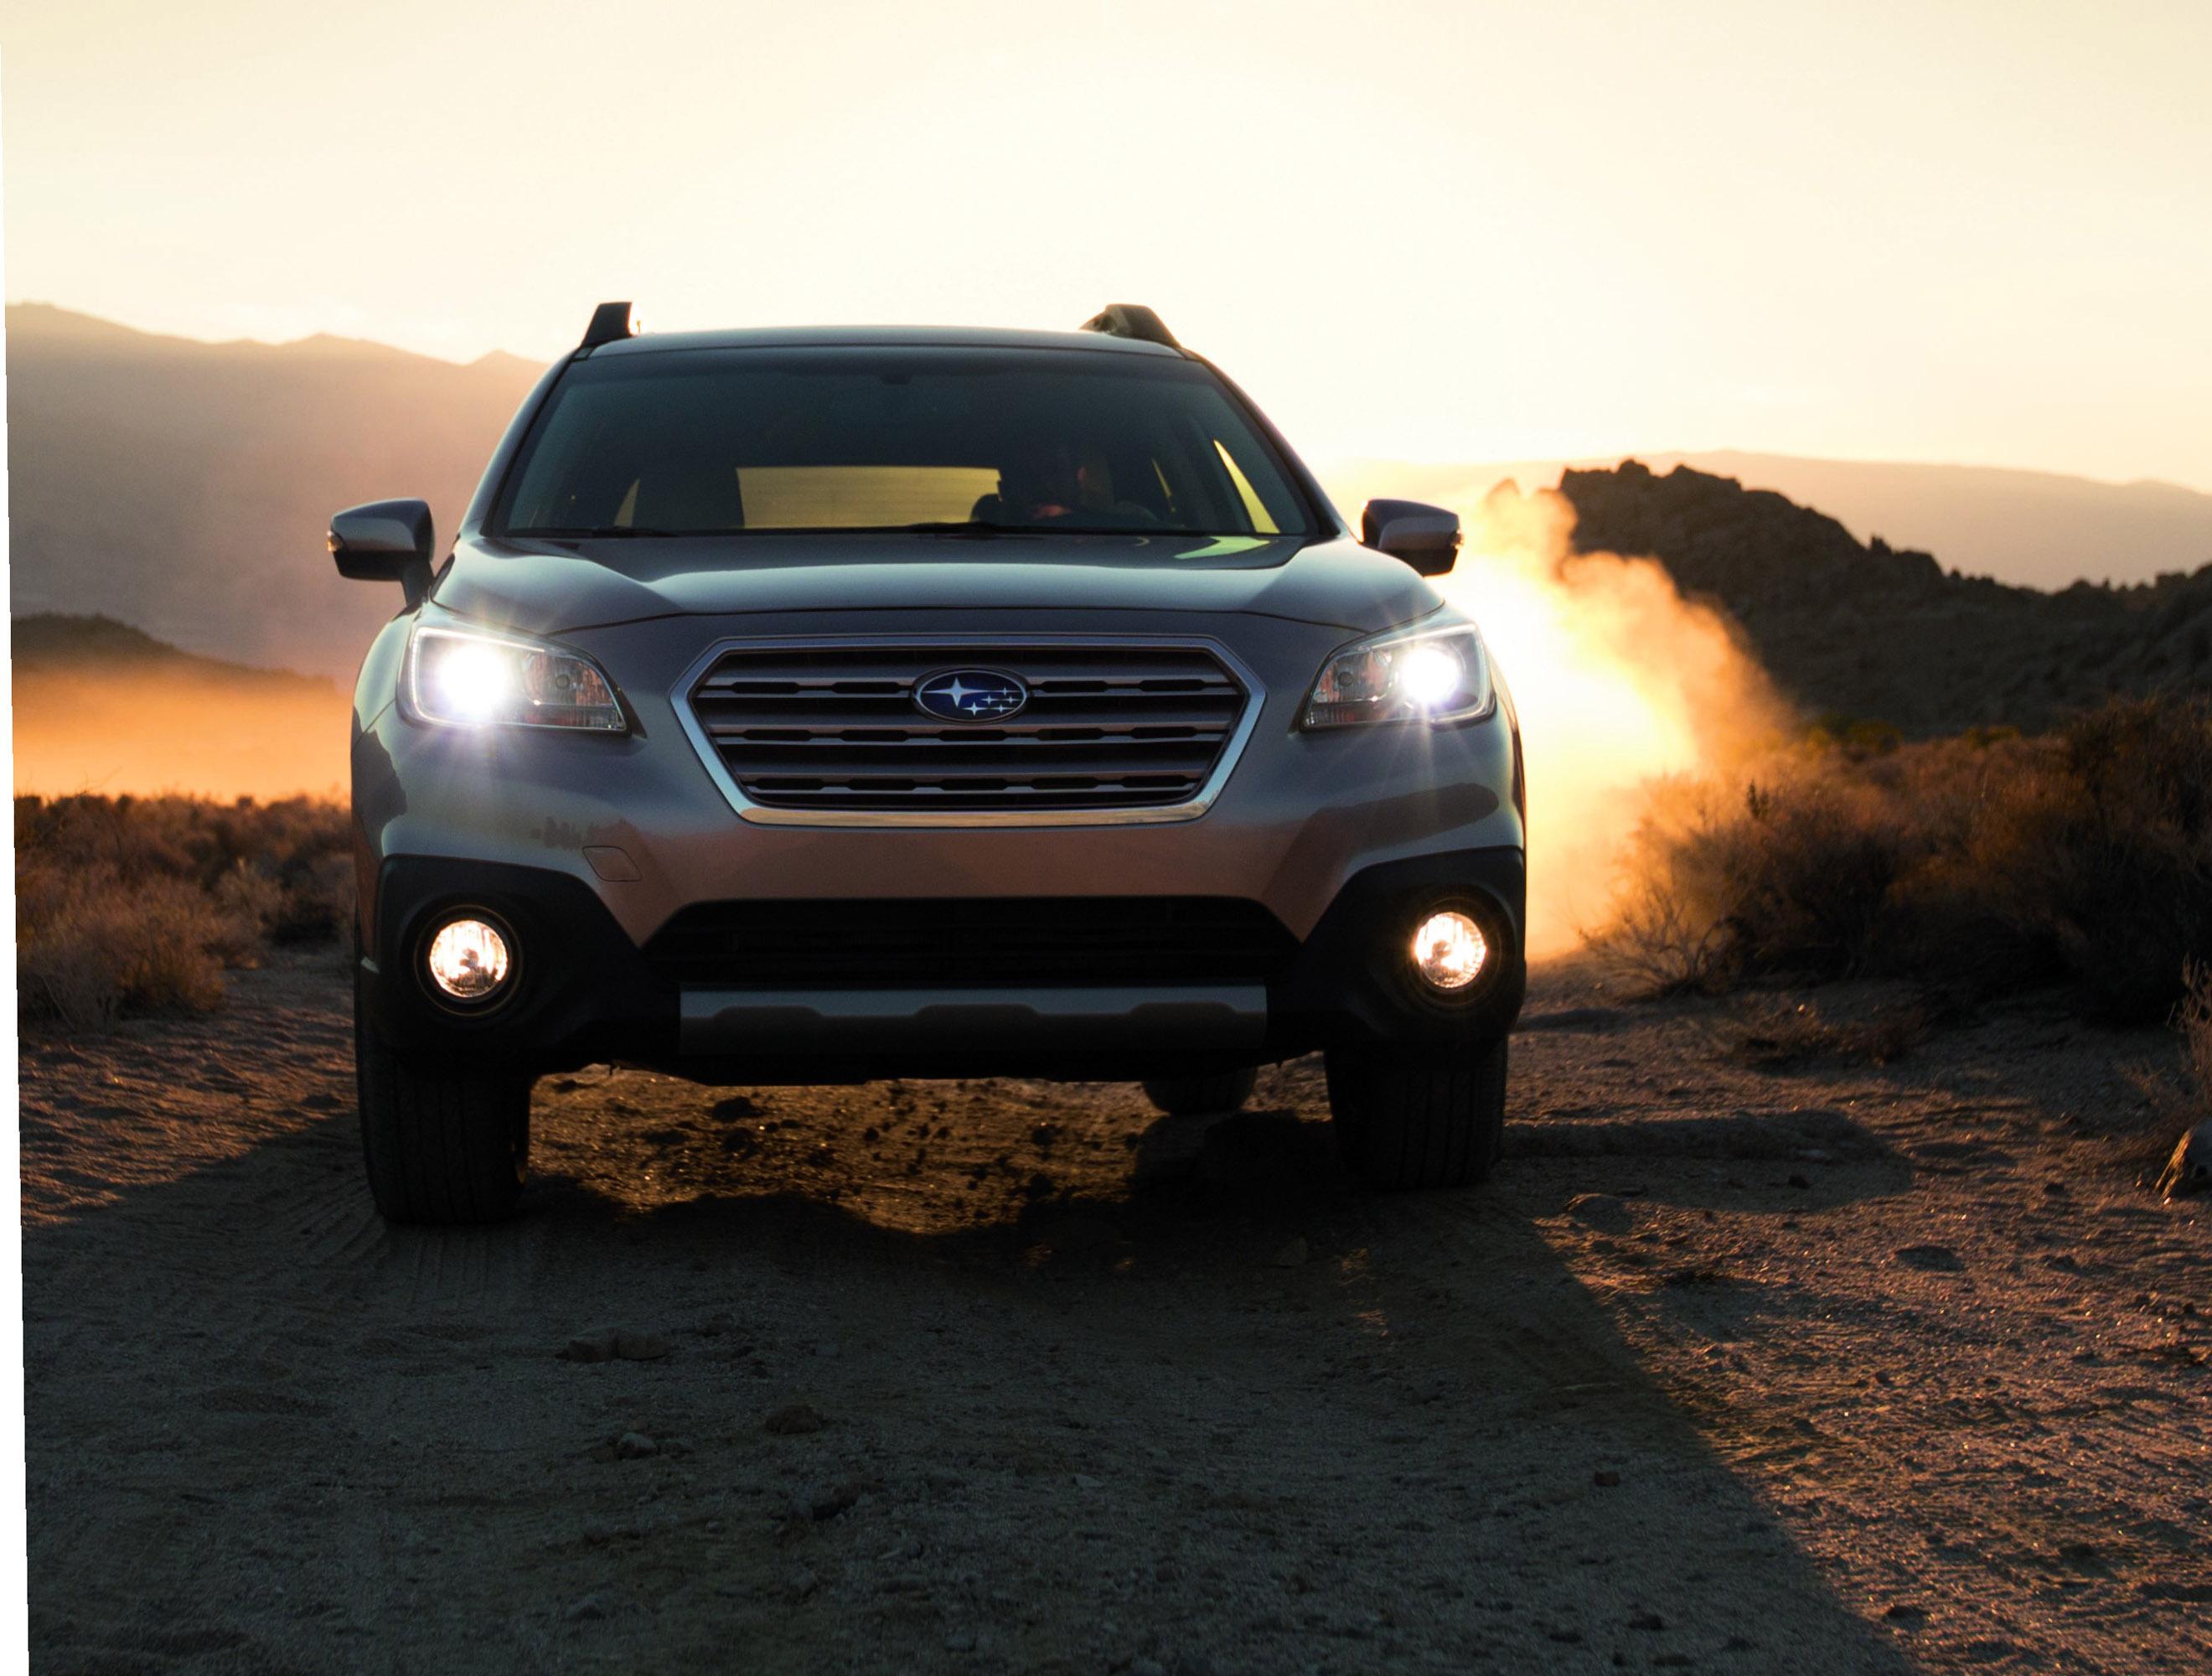 2015 Subaru Outback – US Price $24,895